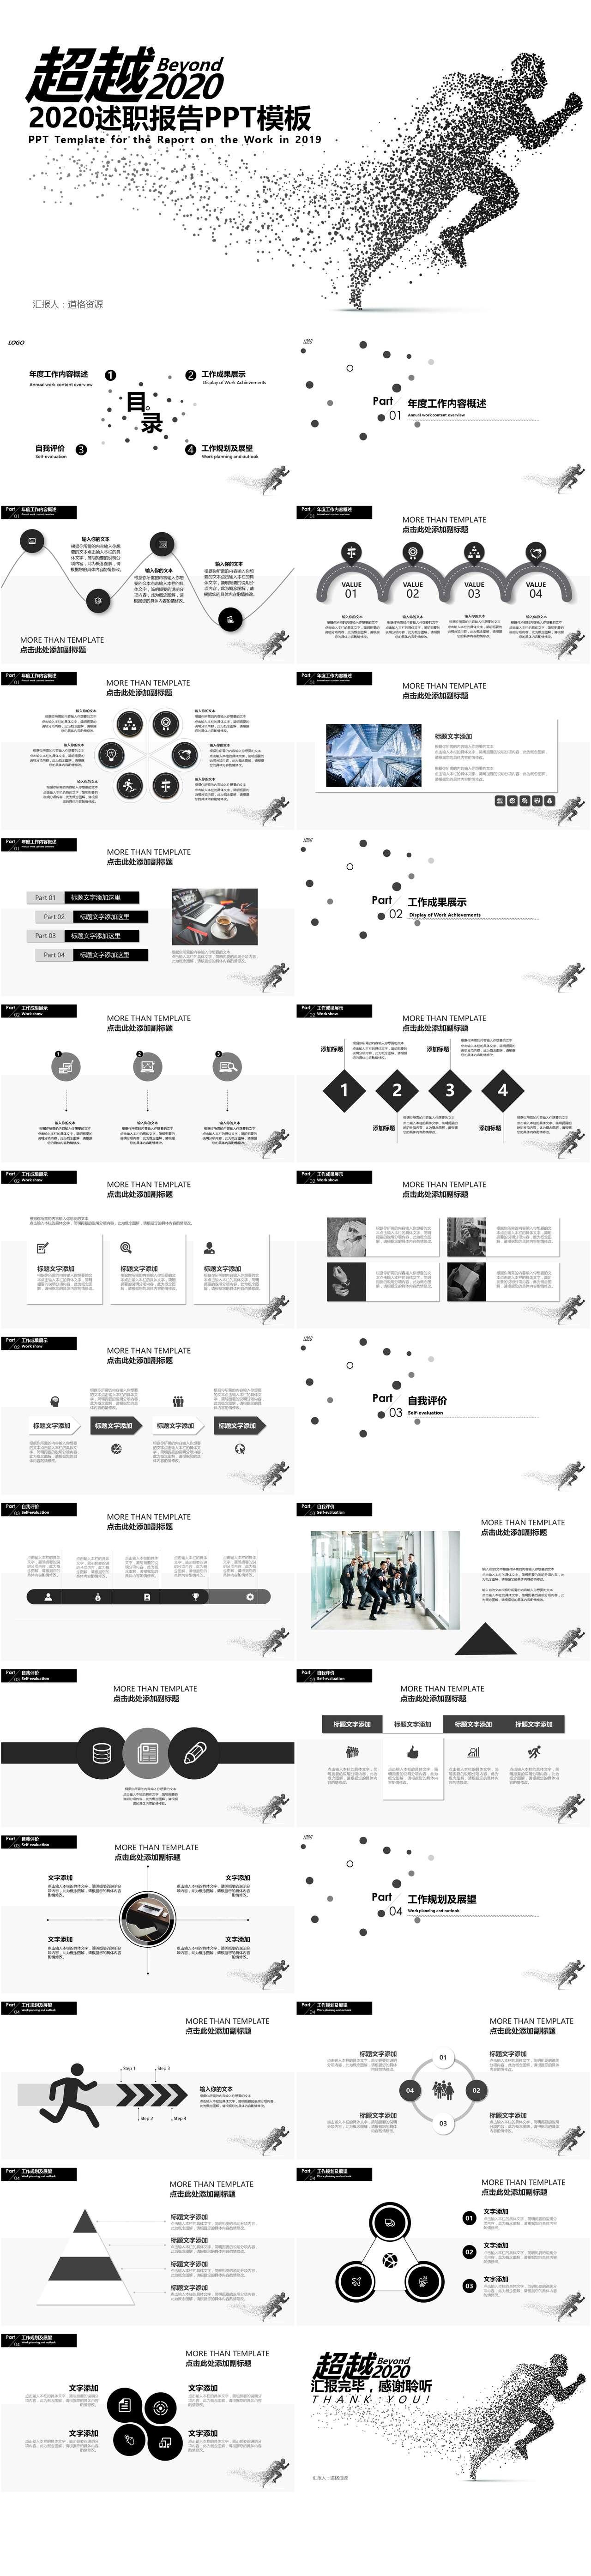 21款让你成功加薪升职的述职报告模板分享插图16